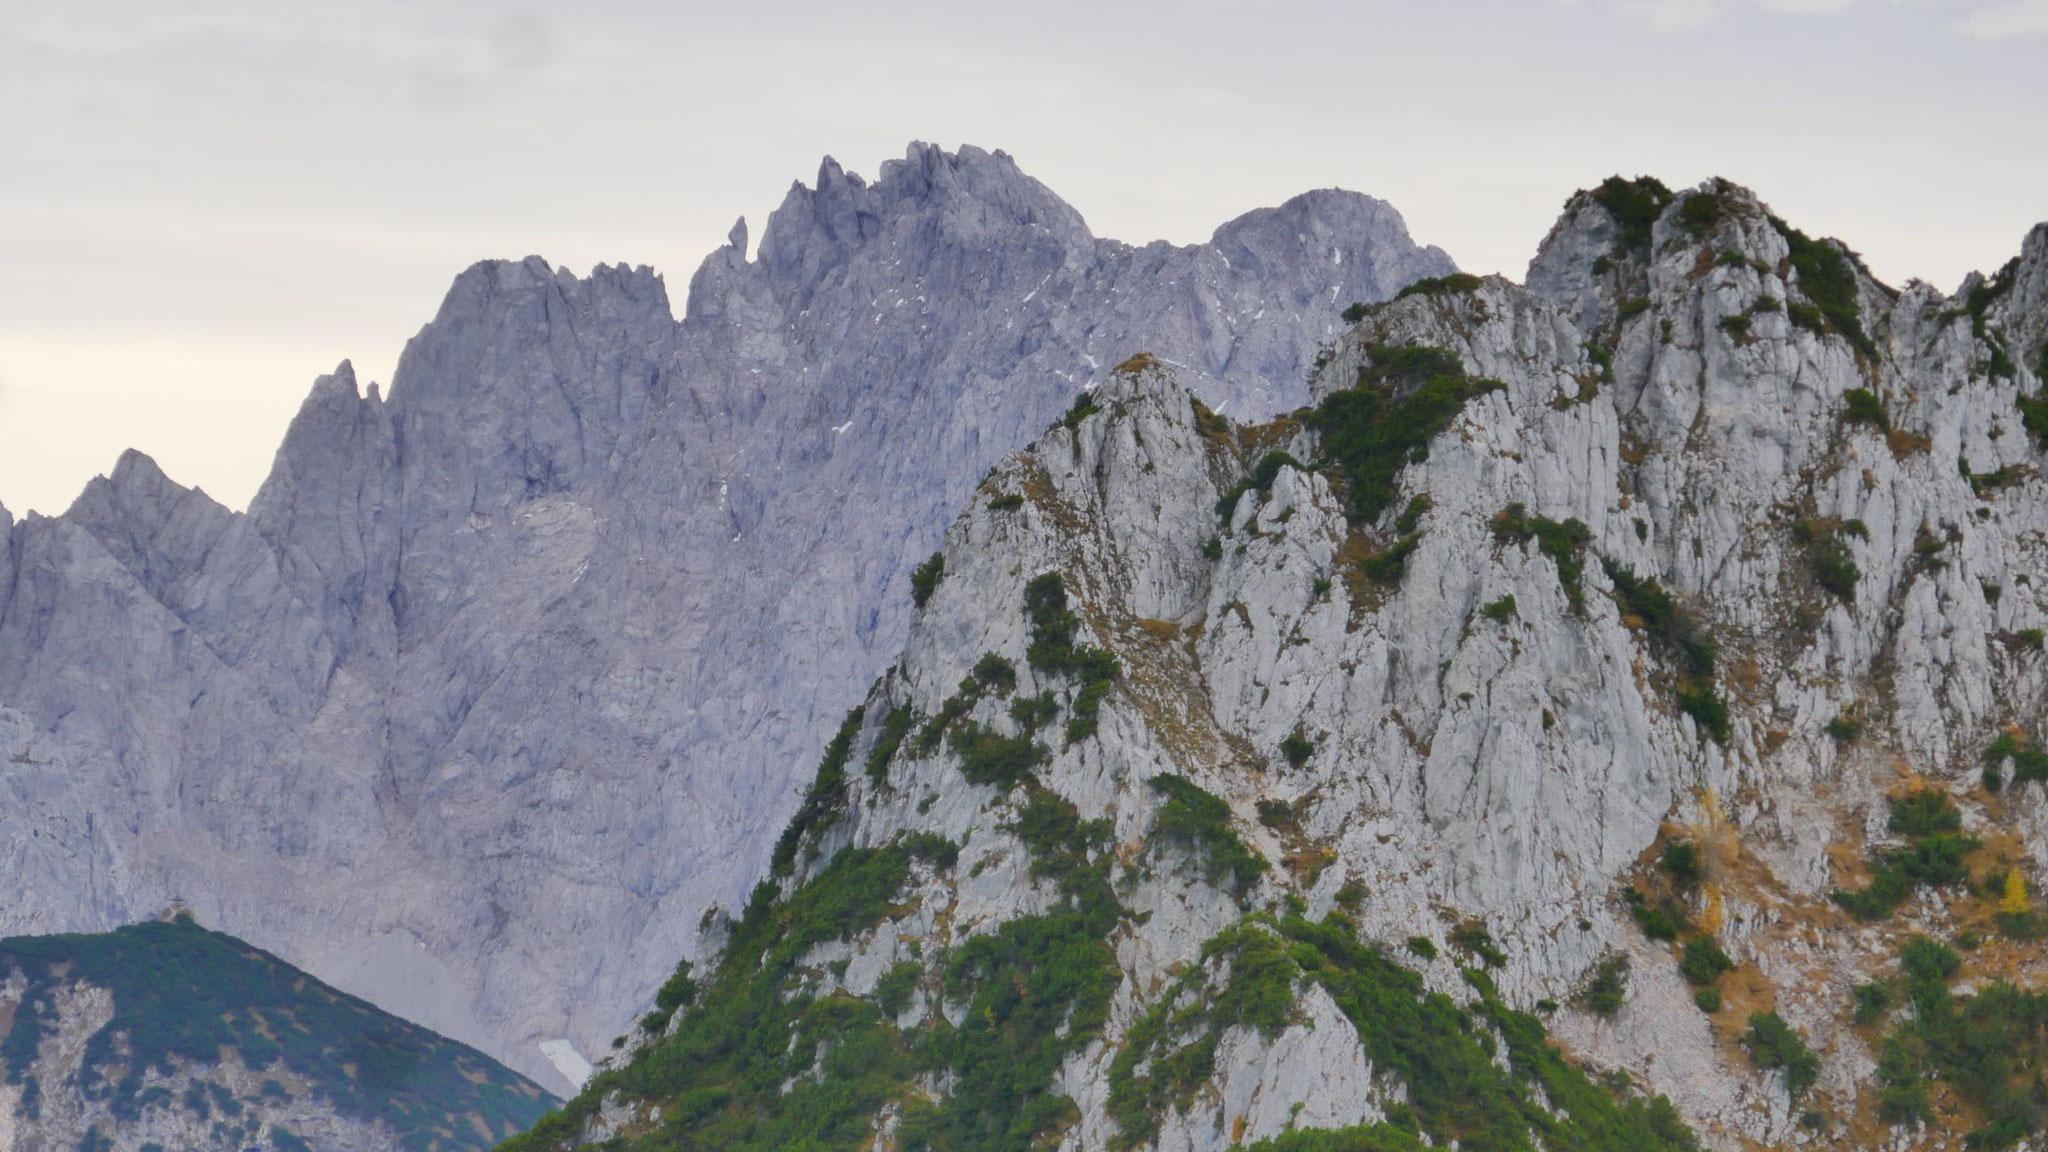 Ein kleines Gipfelkreuz gäbs auch zu erobern - next time!